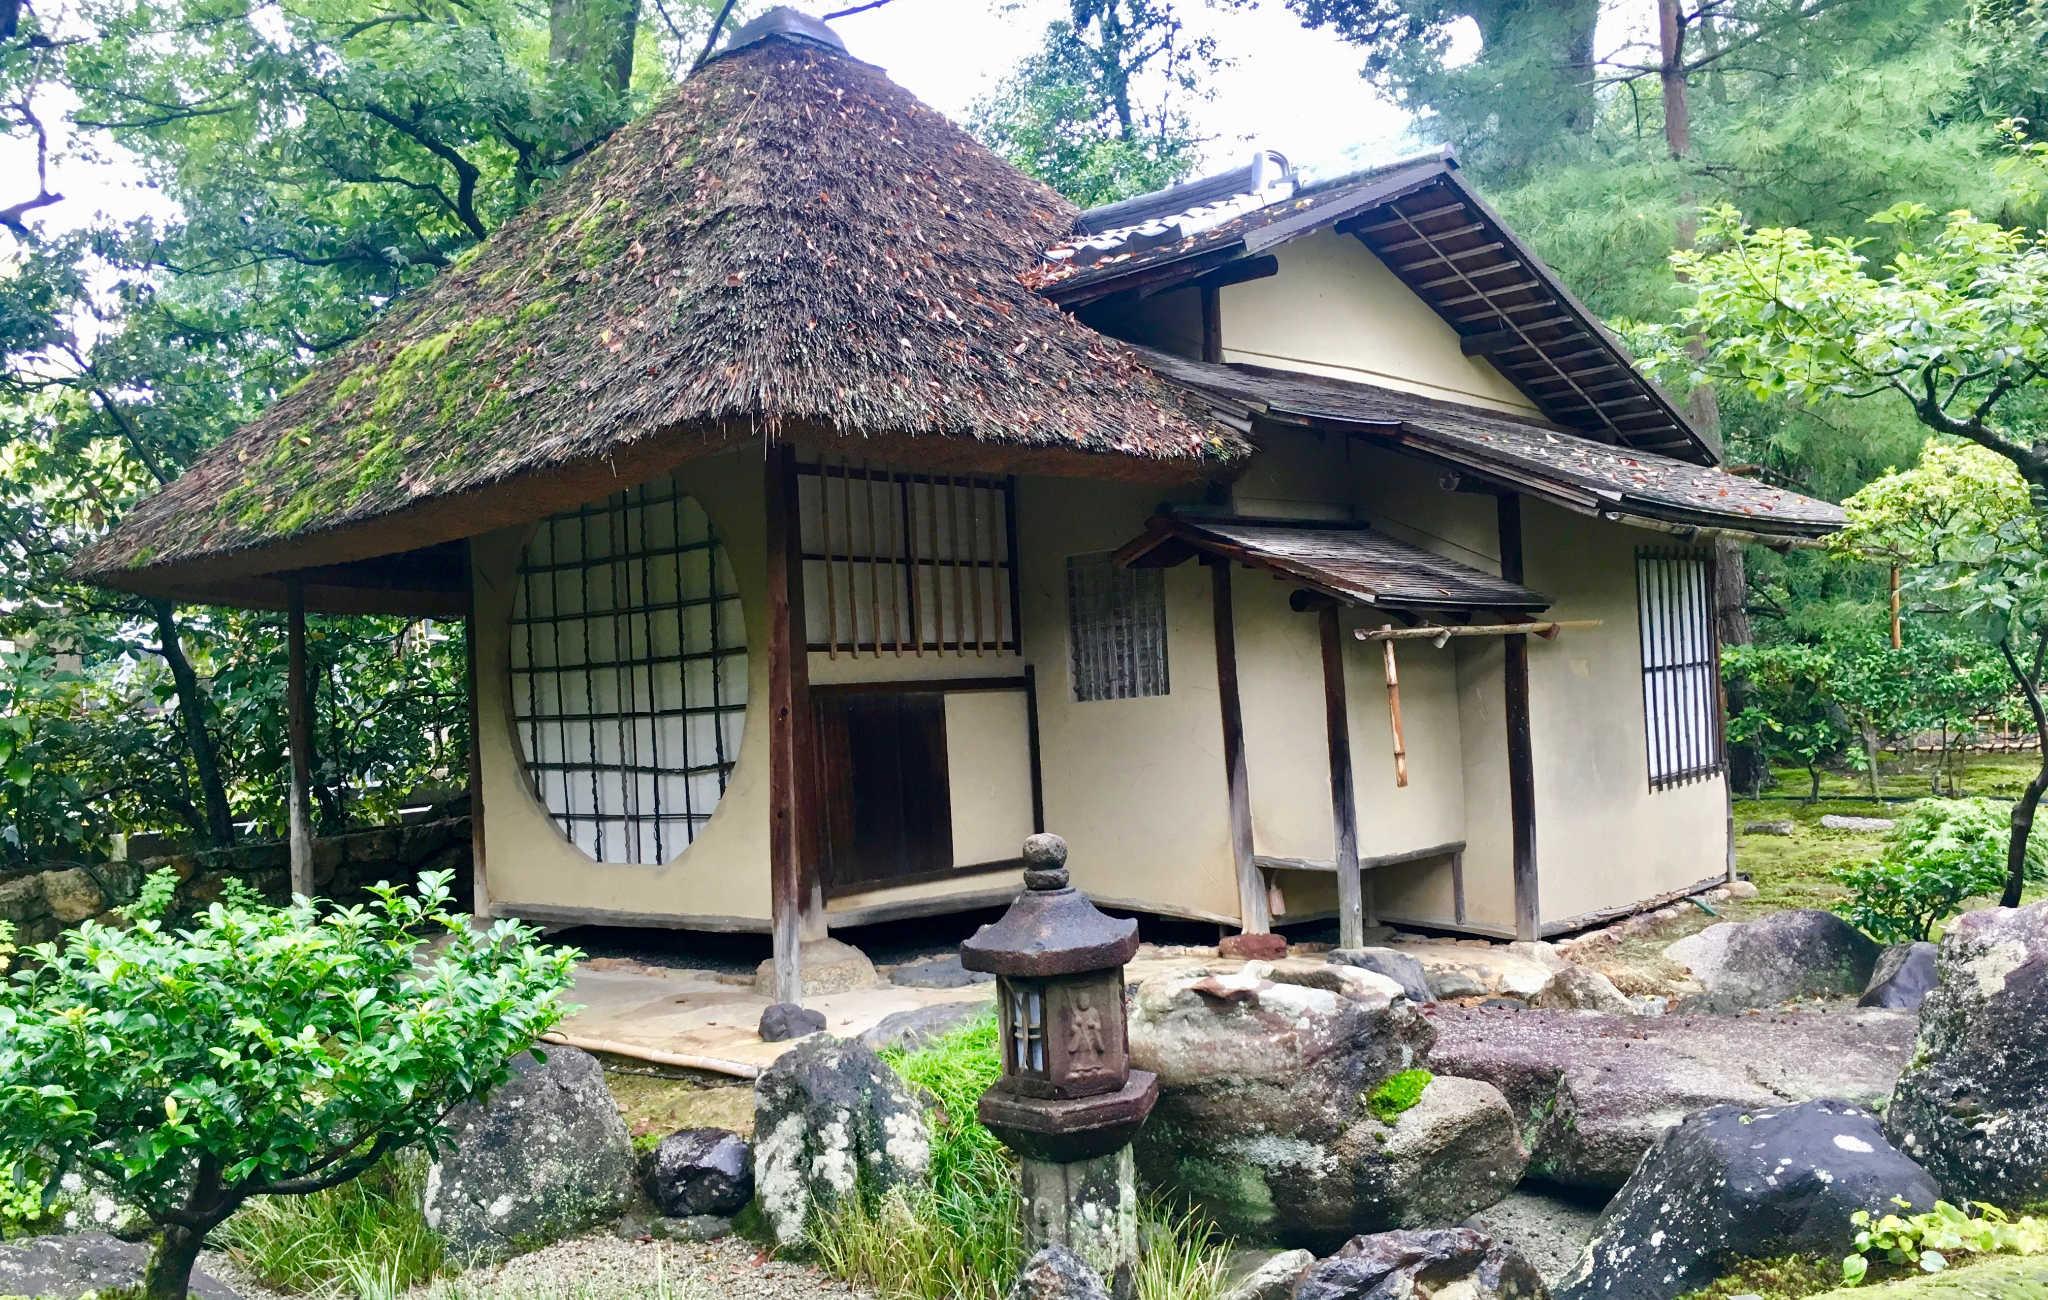 Une autre maison de thé très ancienne, avec son toit de chaume